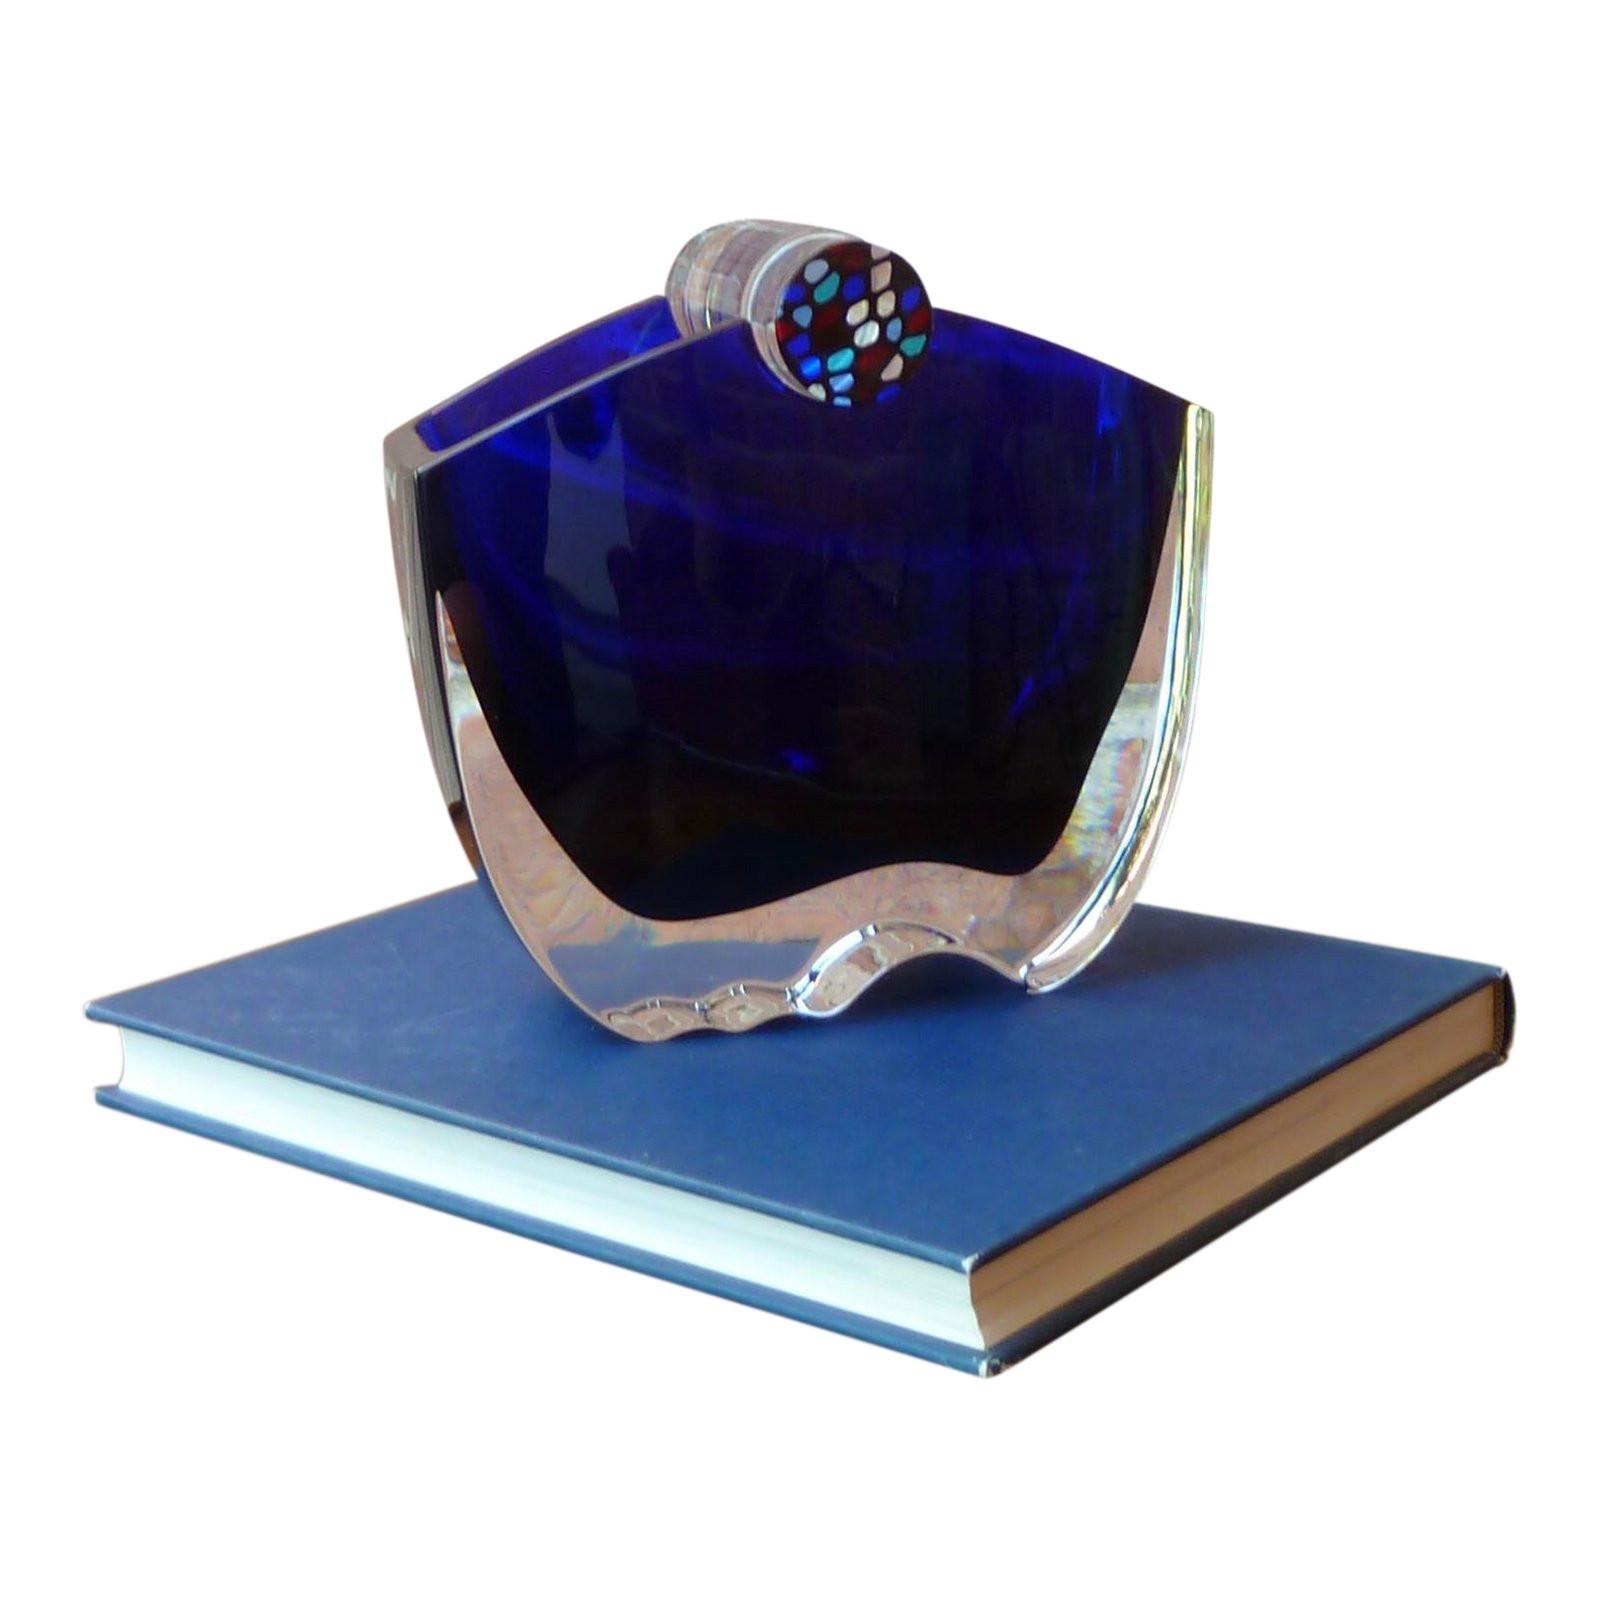 baccarat blue vase of baccarat oceanie cobalt blue crystal vase chairish with baccarat oceanie cobalt blue crystal vase 3169